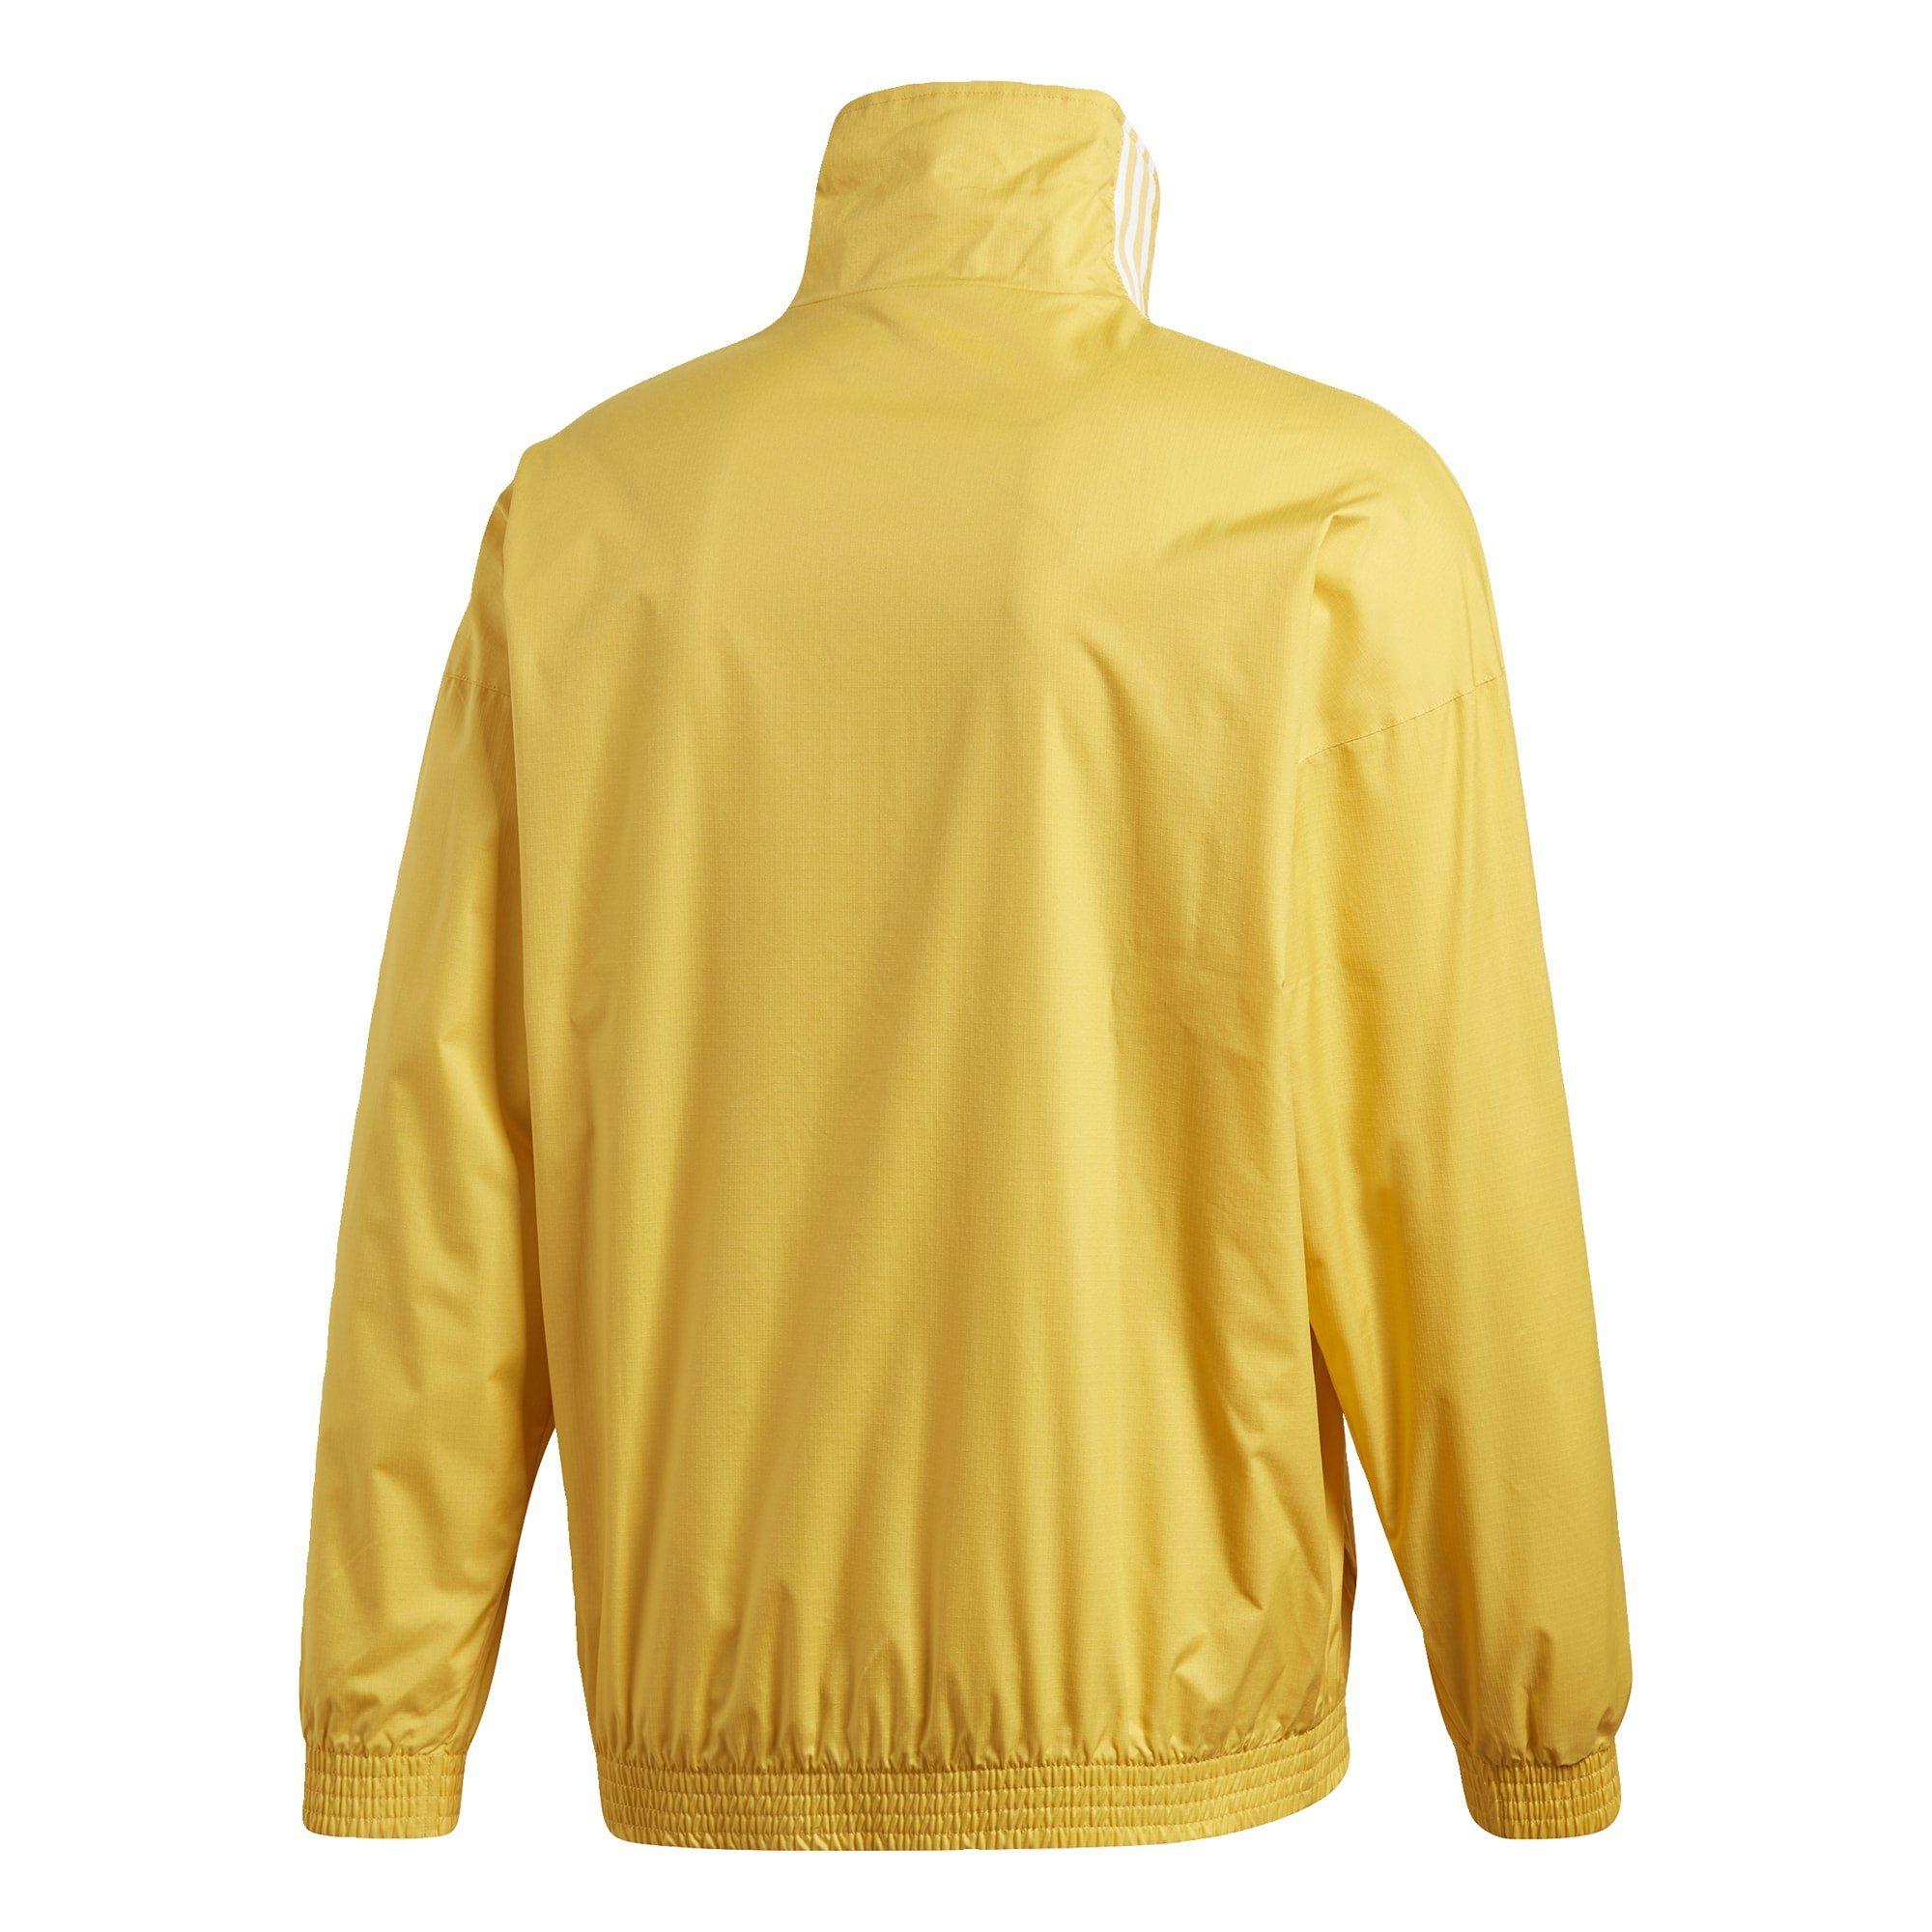 adidas Originals Sweatjacke Originals Jacke adicolor